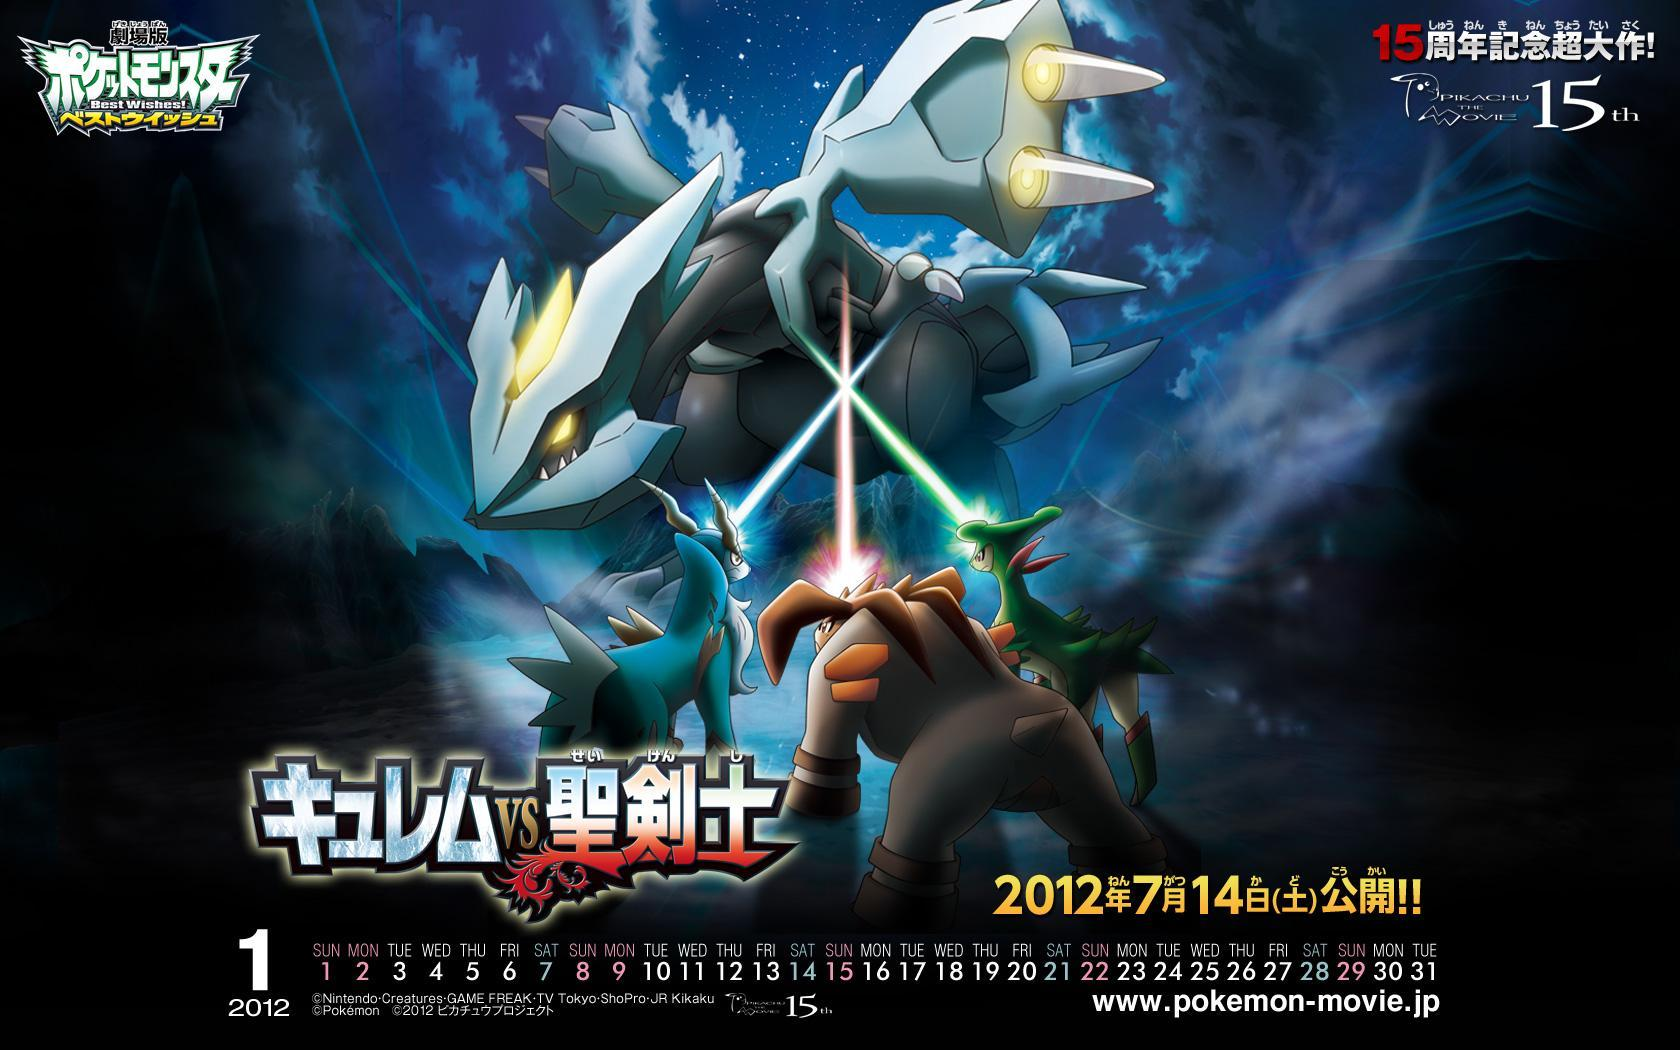 Image Gallery For Pokemon Movie 15 Kyurem Vs The Sacred Swordsmen